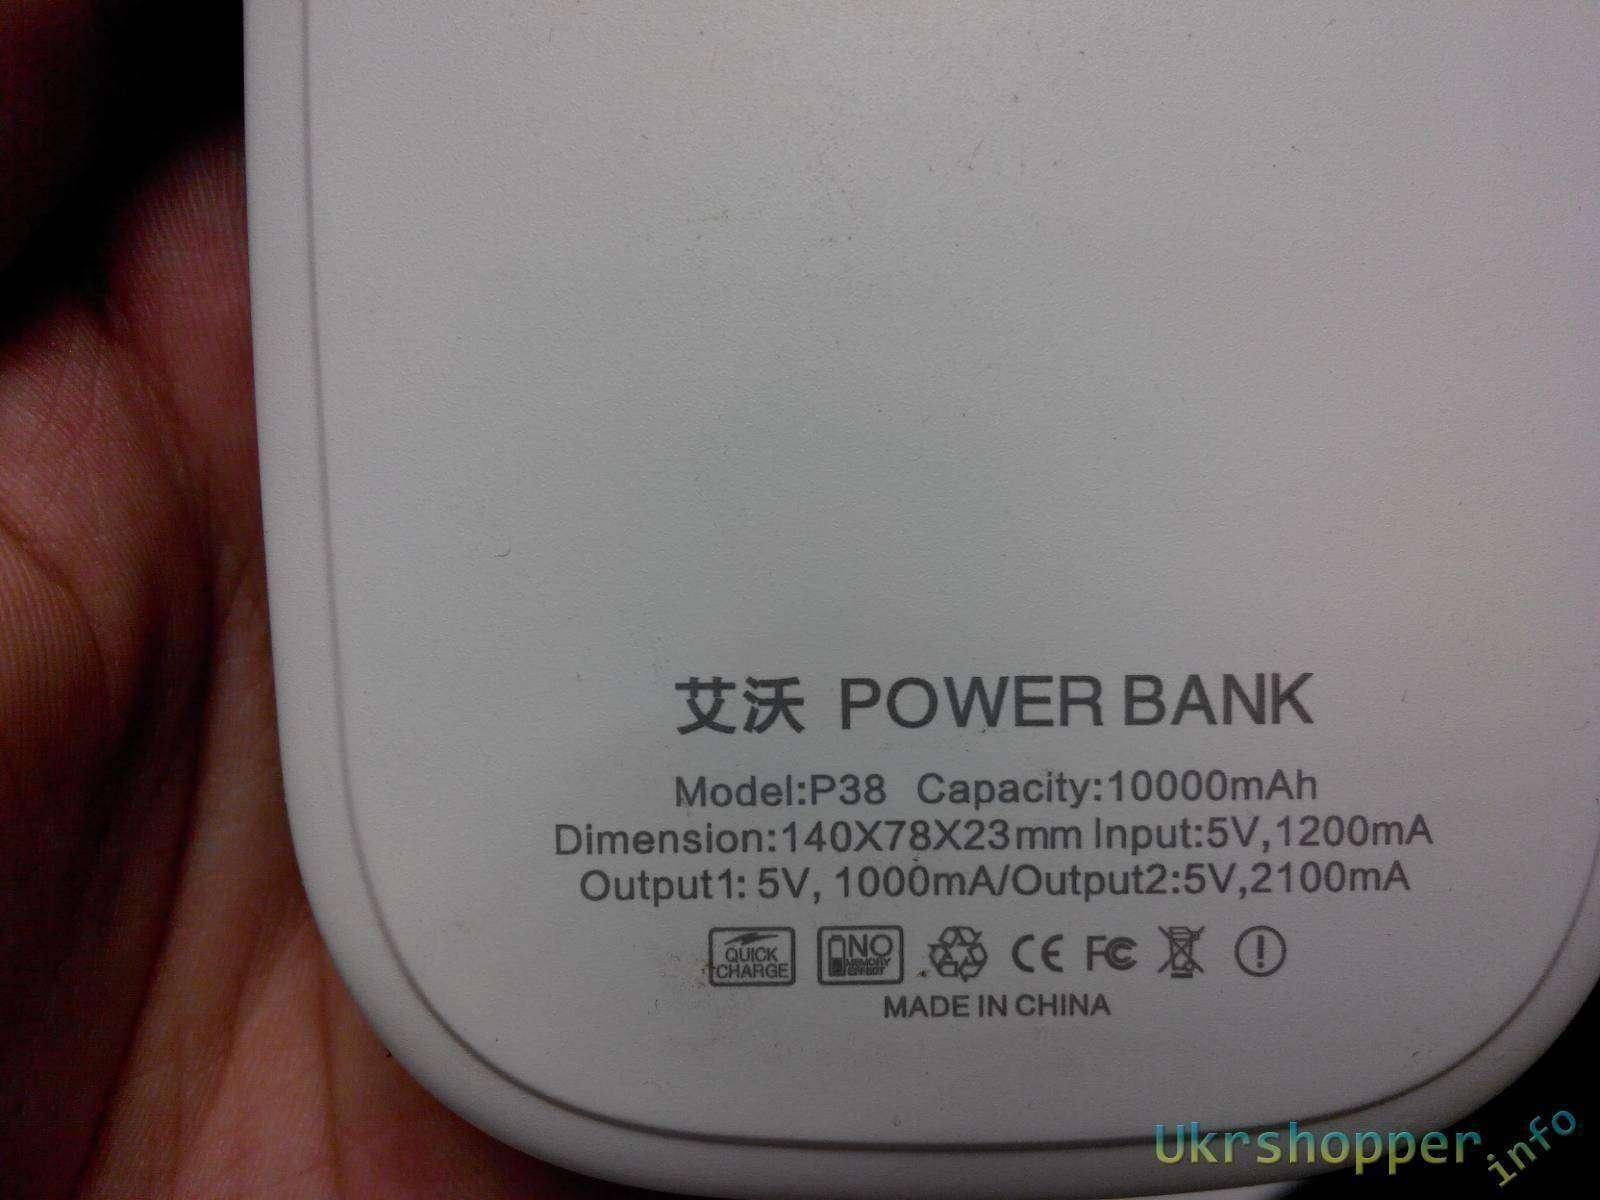 Aliexpress: Обзор Powerbanka IWO P38 10000 Mah премиум класса (по крайней мере лучшего я еще не встречал)